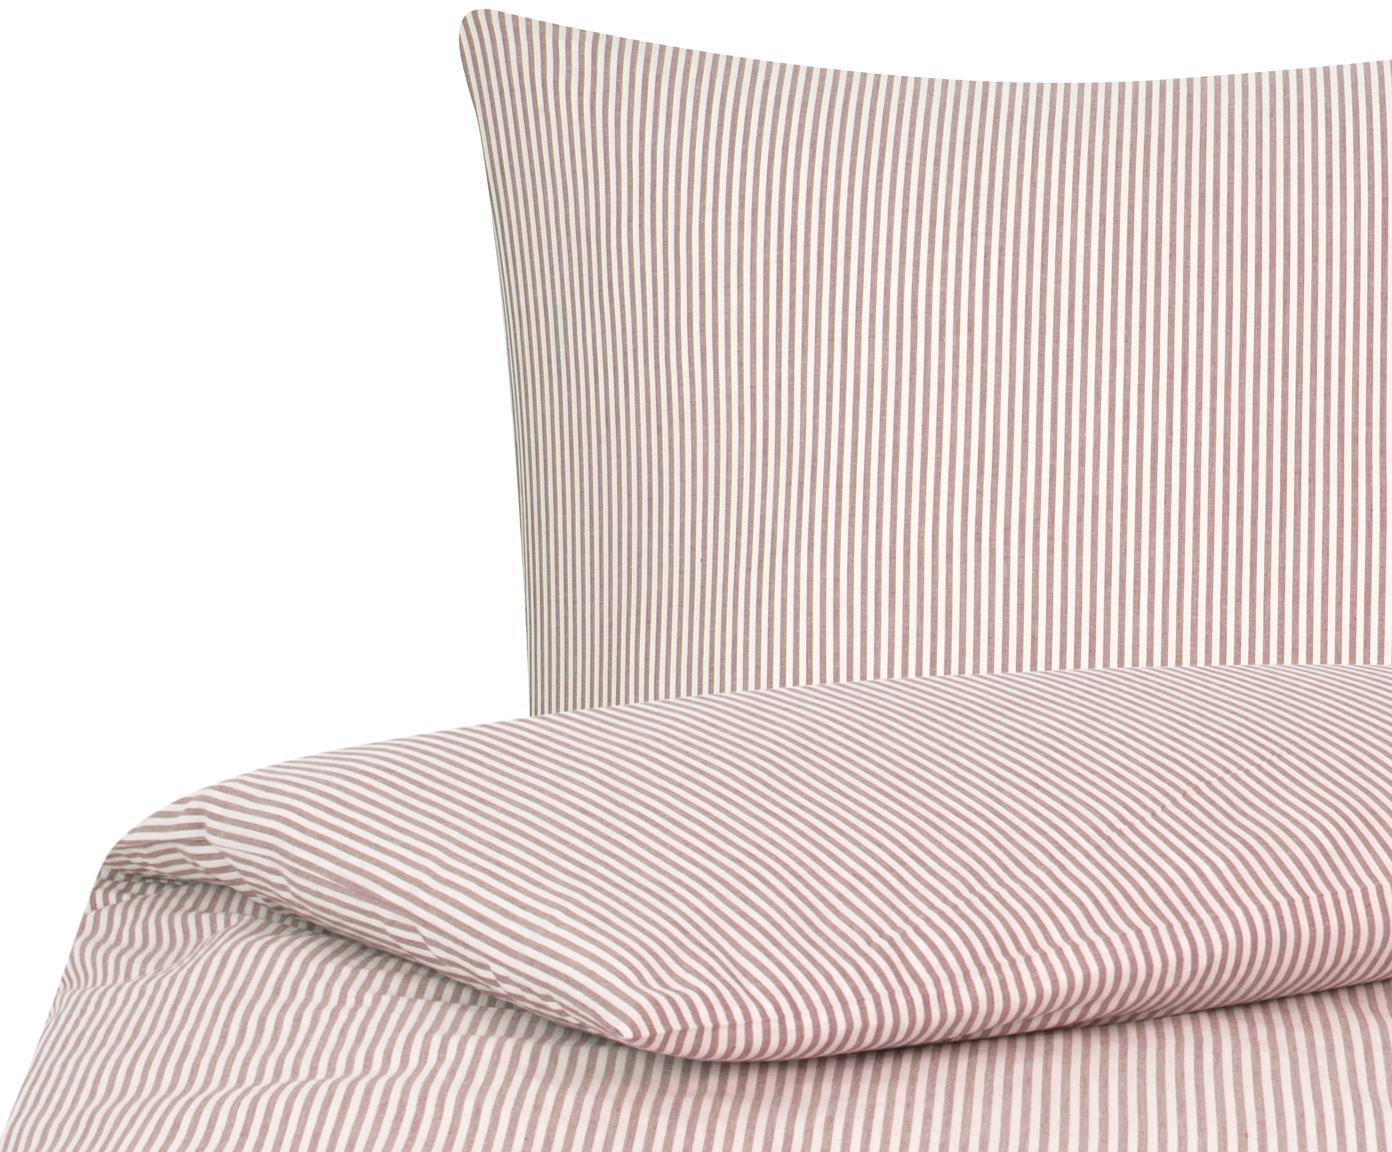 Renforcé dekbedovertrek Ellie, Weeftechniek: renforcé, Wit, rood, 140 x 200 cm